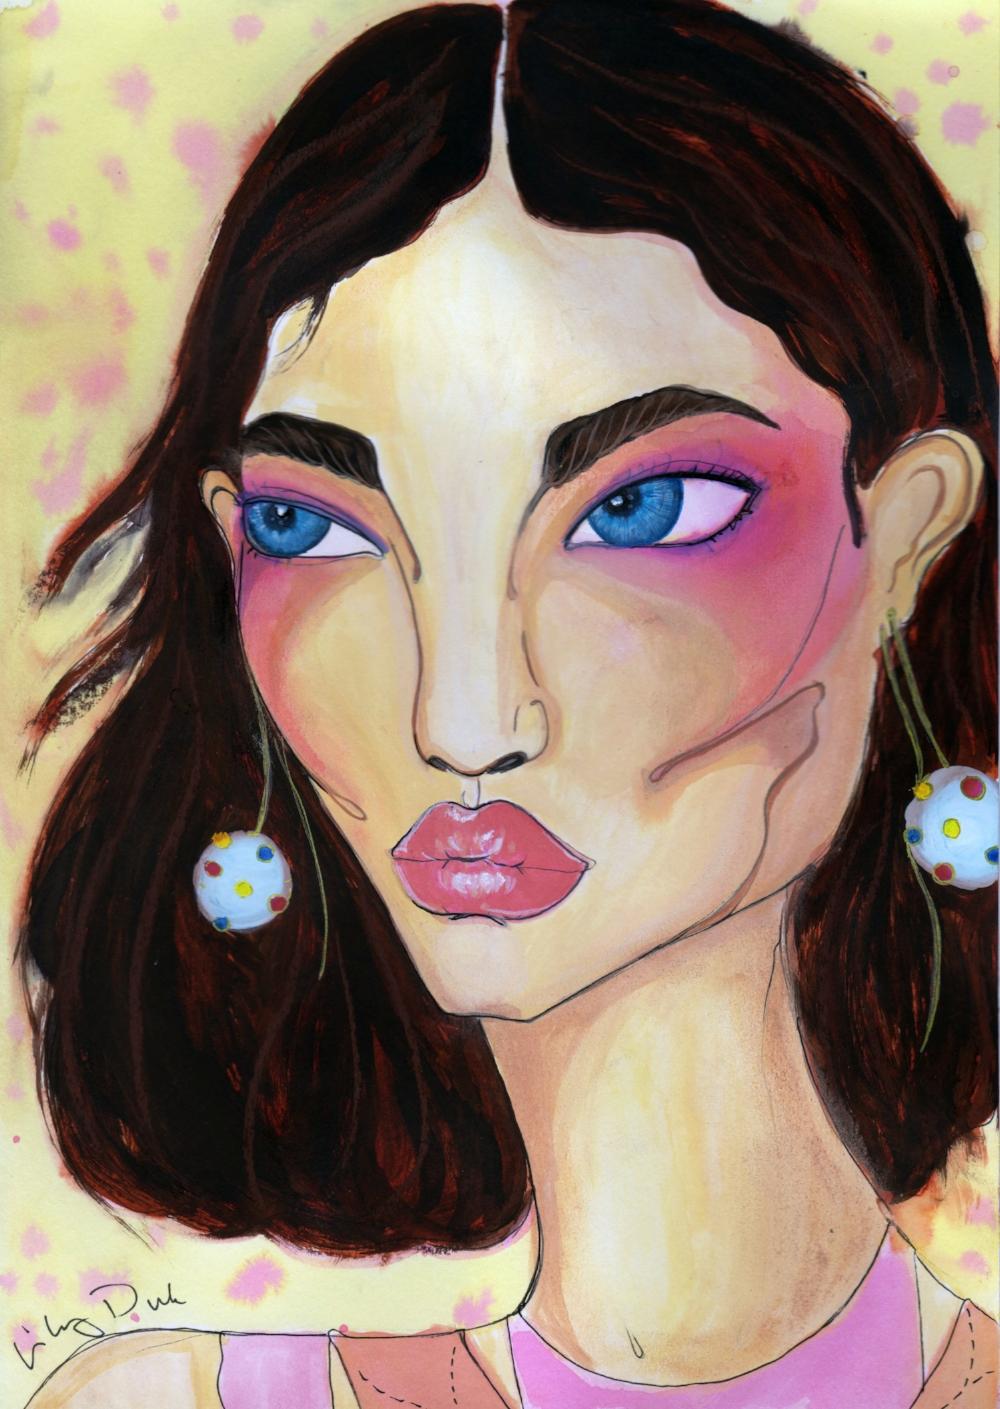 Mckenna: Valentino ss 2018 Pat mcgrath make-up